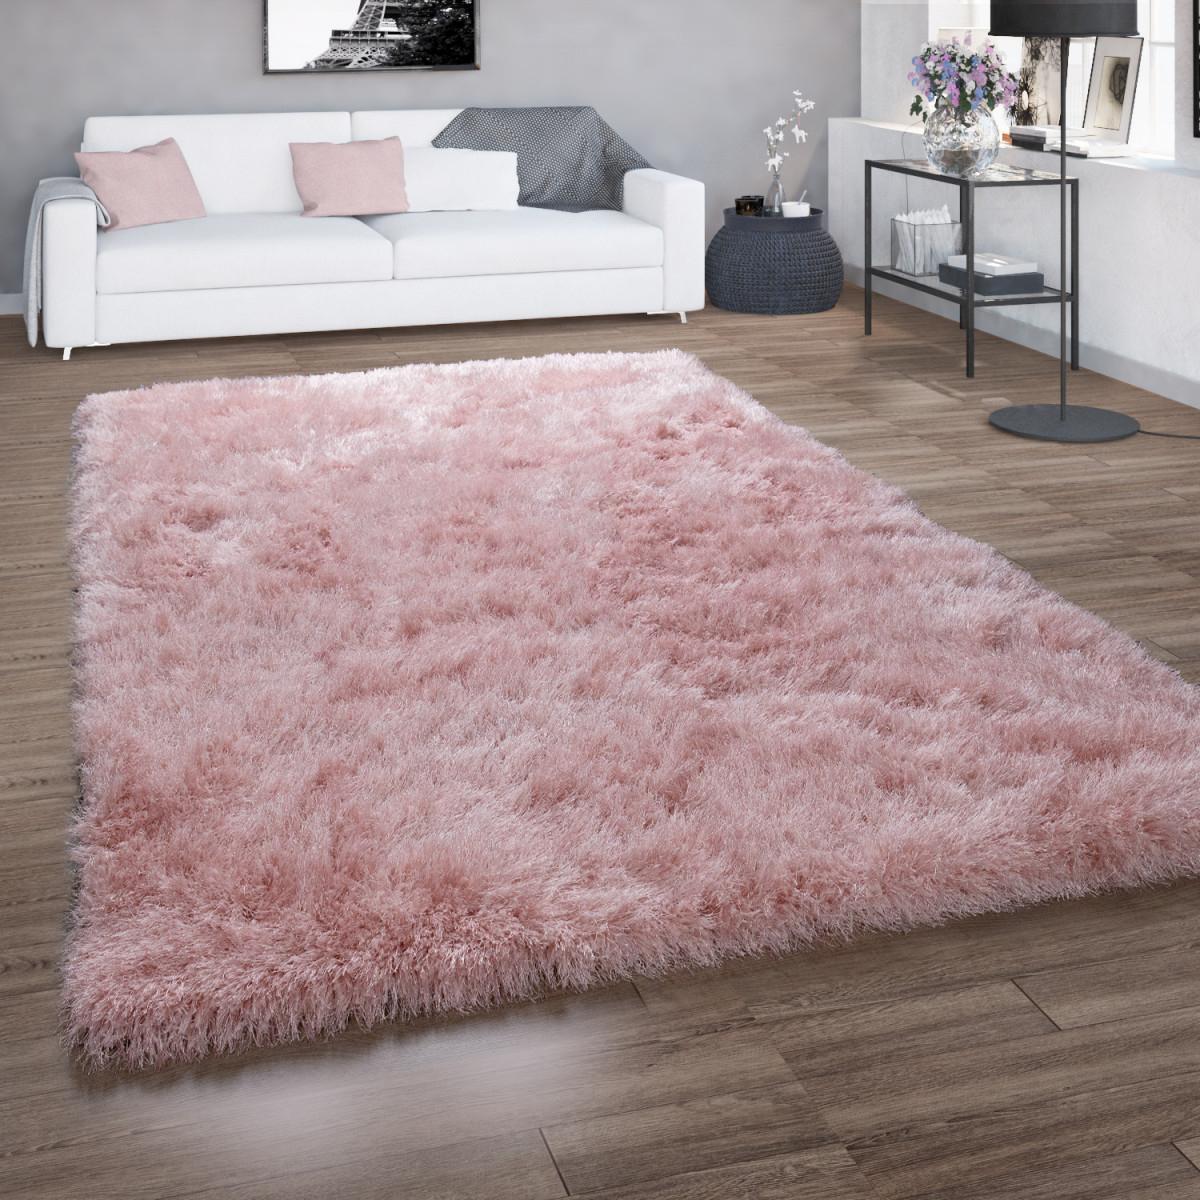 Details Zu Hochflorteppich Für Wohnzimmer Shaggy Mit Glitzergarn  Einfarbig In Rosa von Wohnzimmer Teppich Rosa Bild